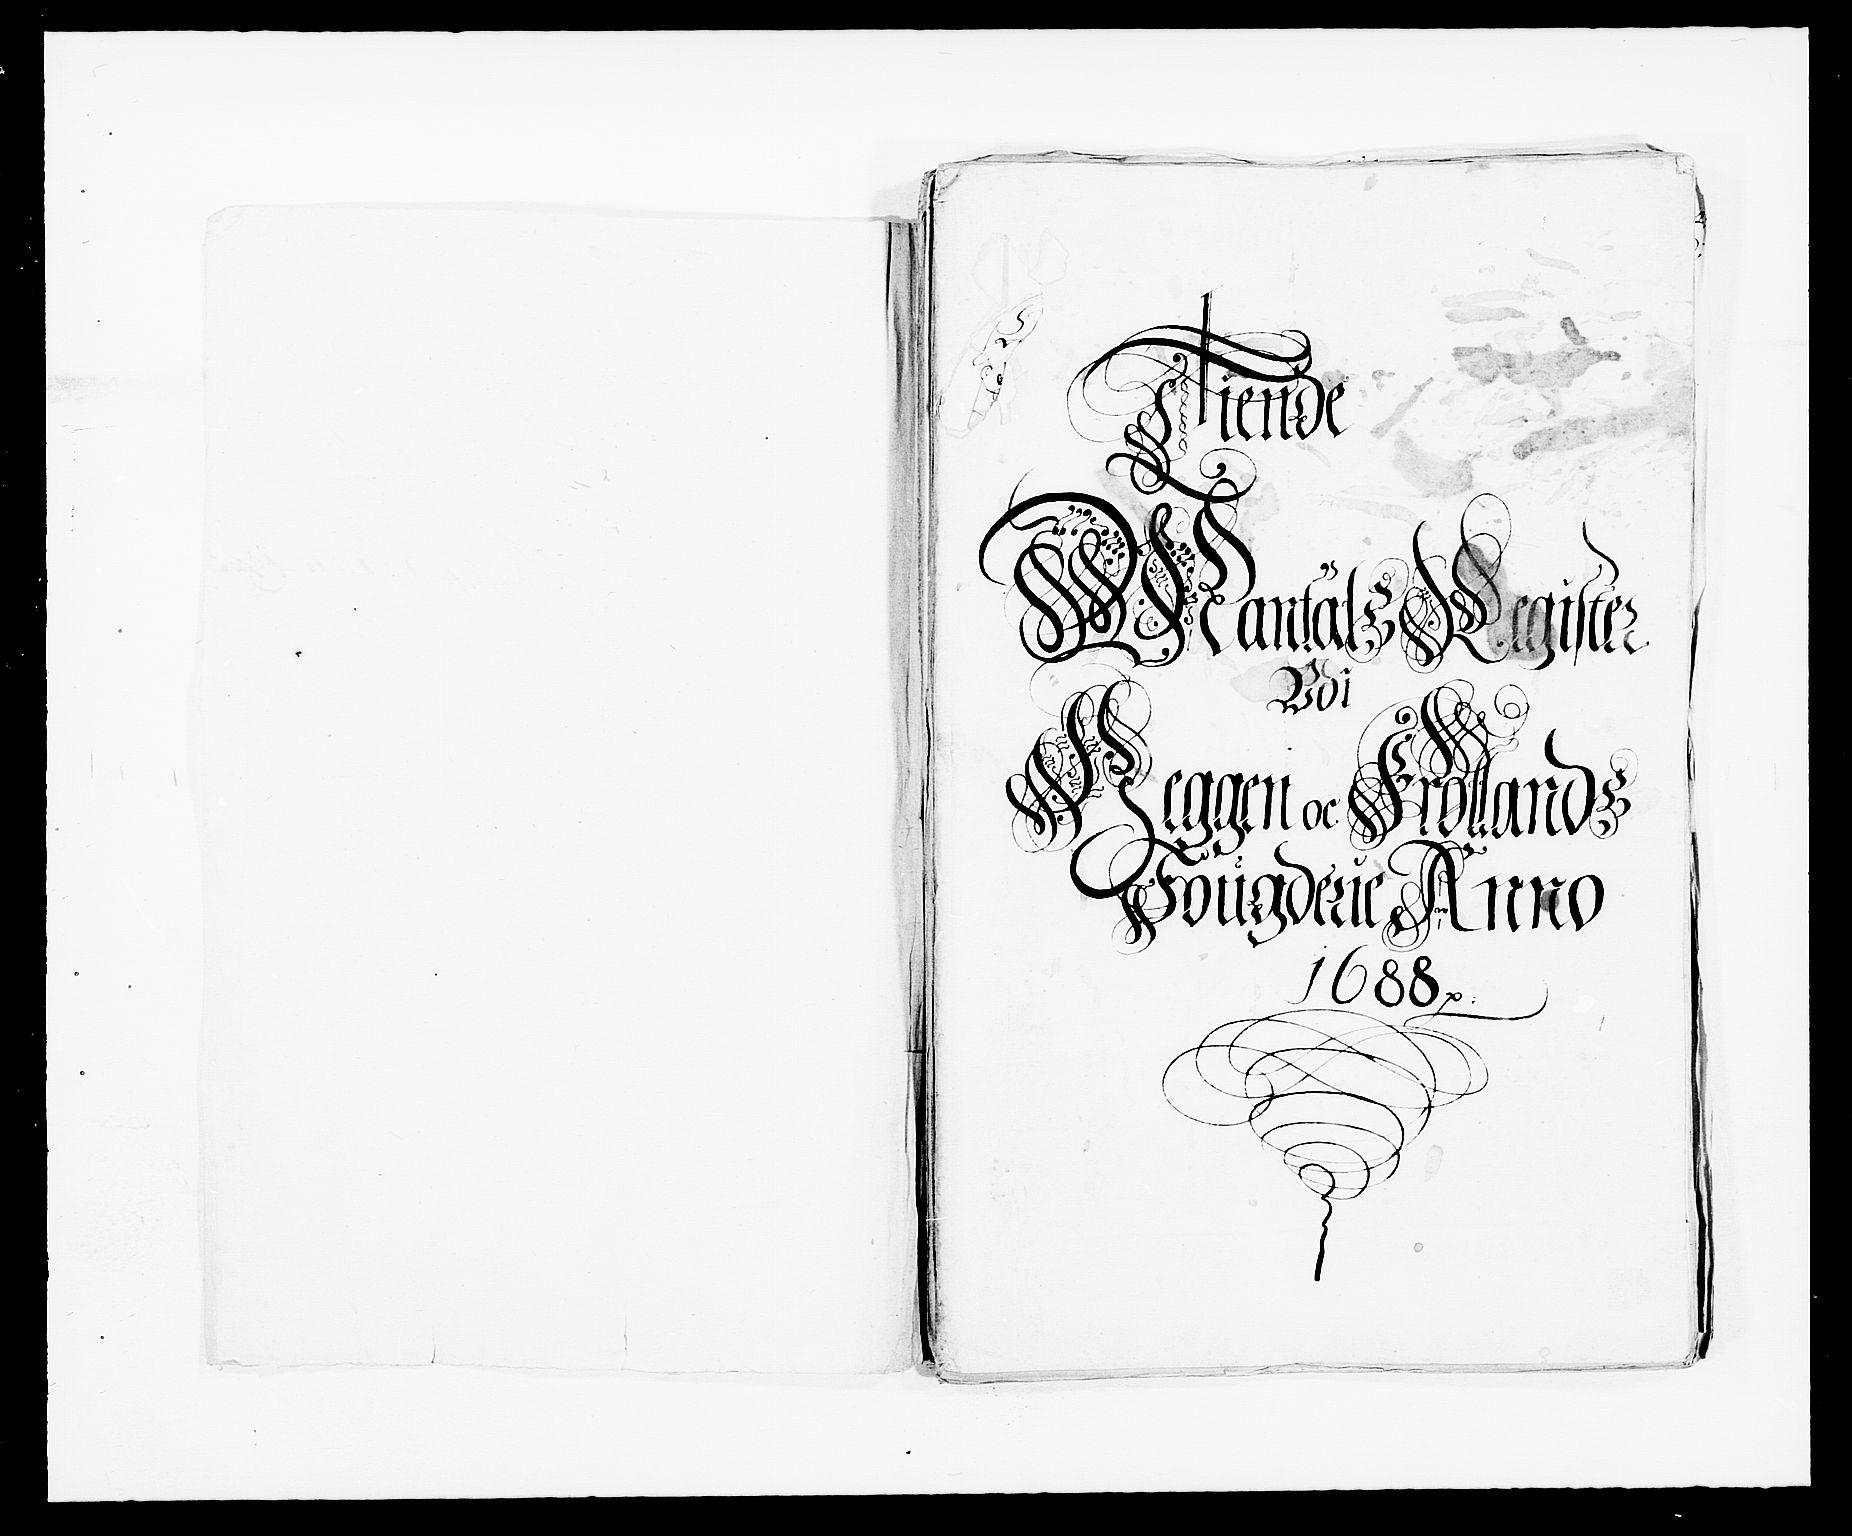 RA, Rentekammeret inntil 1814, Reviderte regnskaper, Fogderegnskap, R06/L0282: Fogderegnskap Heggen og Frøland, 1687-1690, s. 67